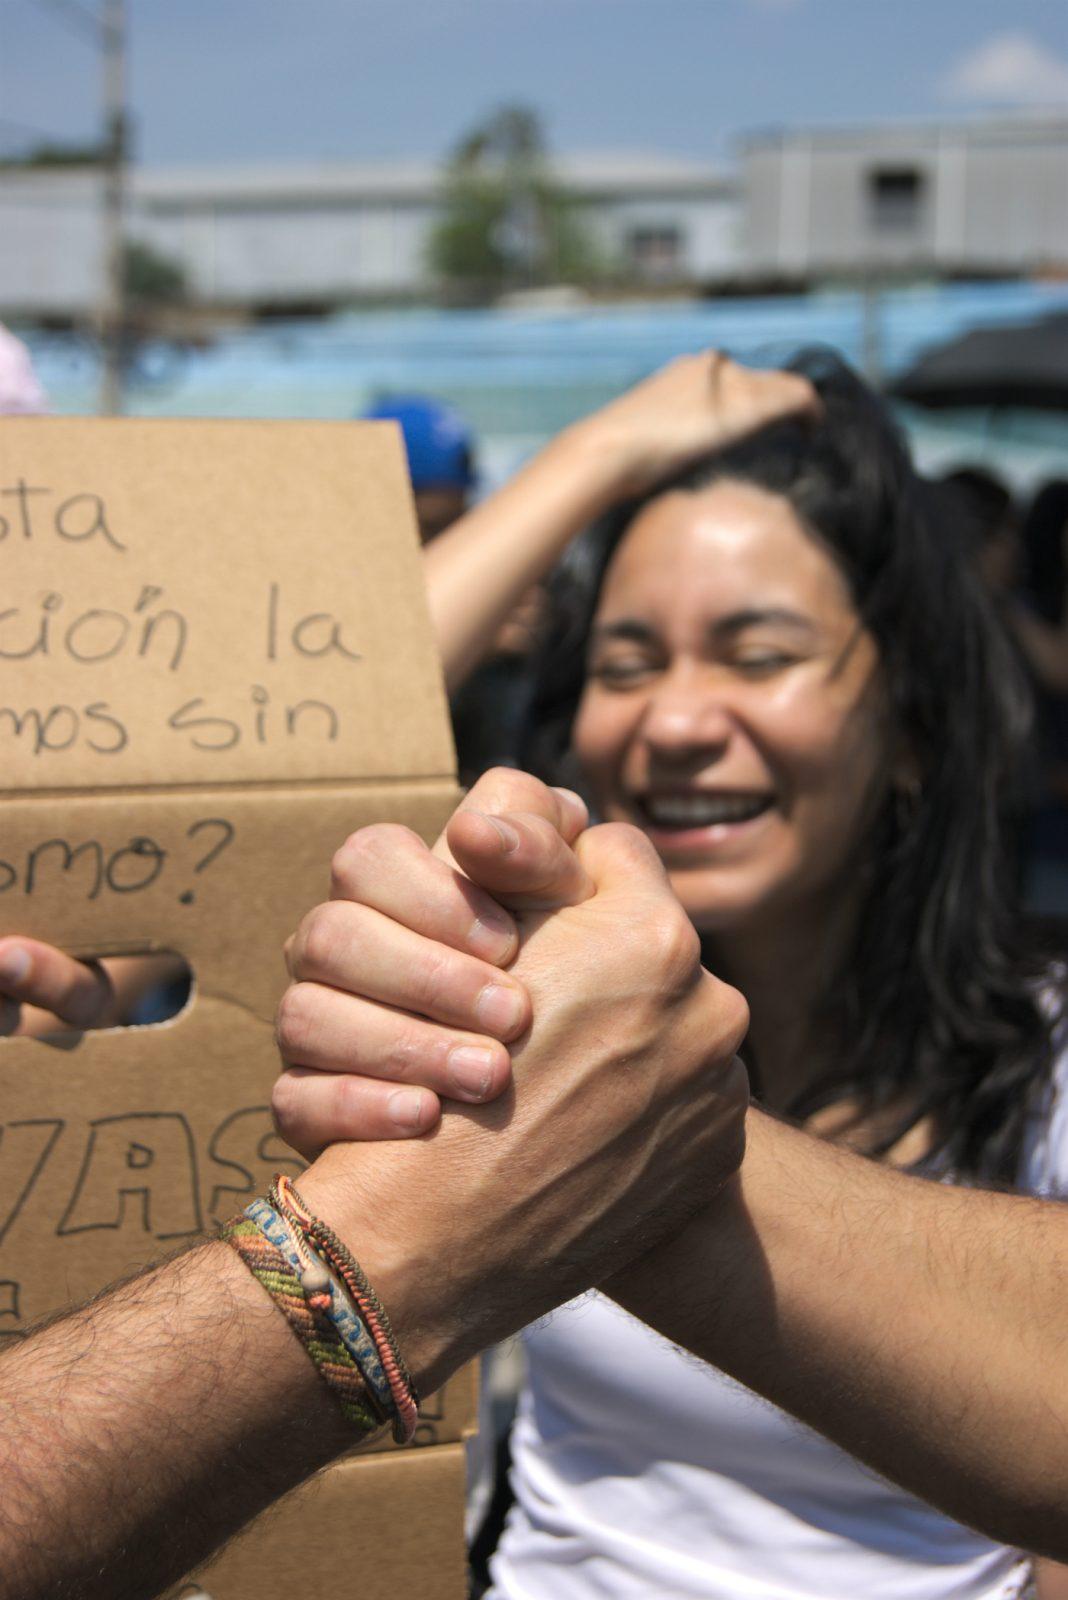 dokter-Luzmila-Argueta-op-protest-geweld-tegen-vrouwen